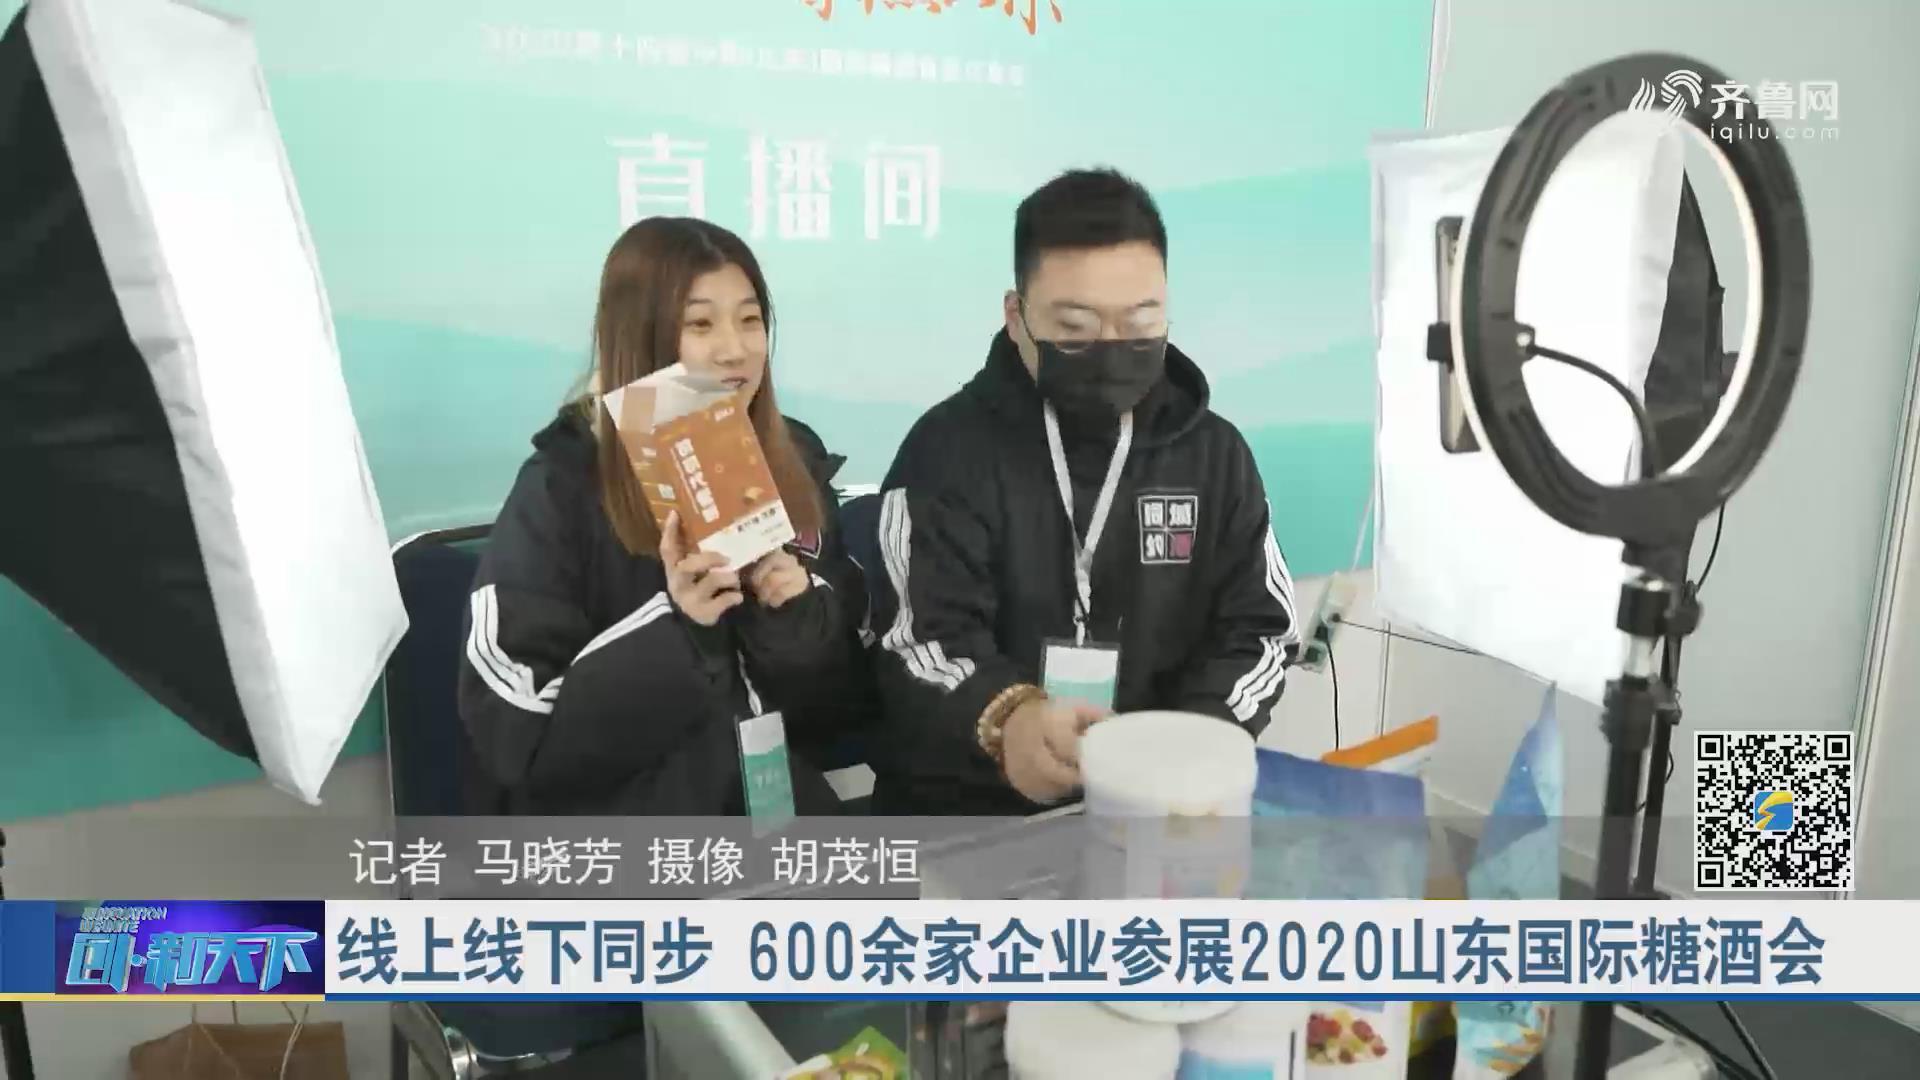 线上线下同步 600余家企业参展2020山东国际糖酒会